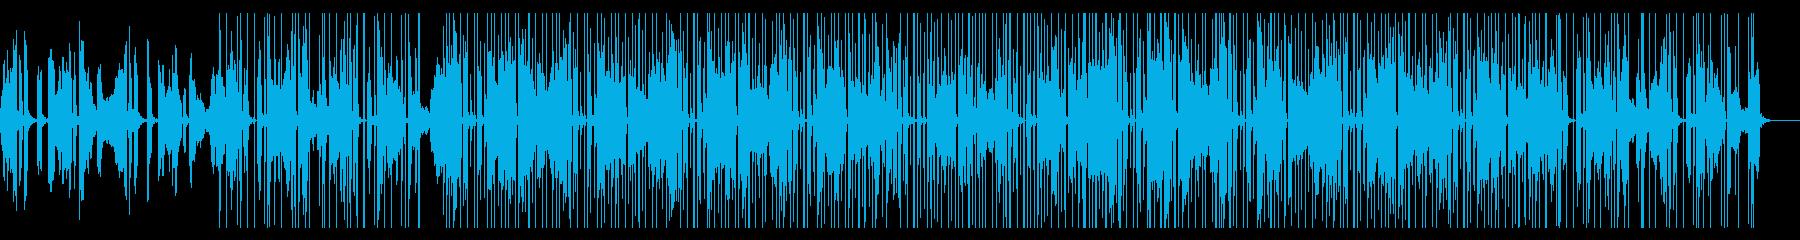 ゆったりリラックス エレピのチルアウトの再生済みの波形